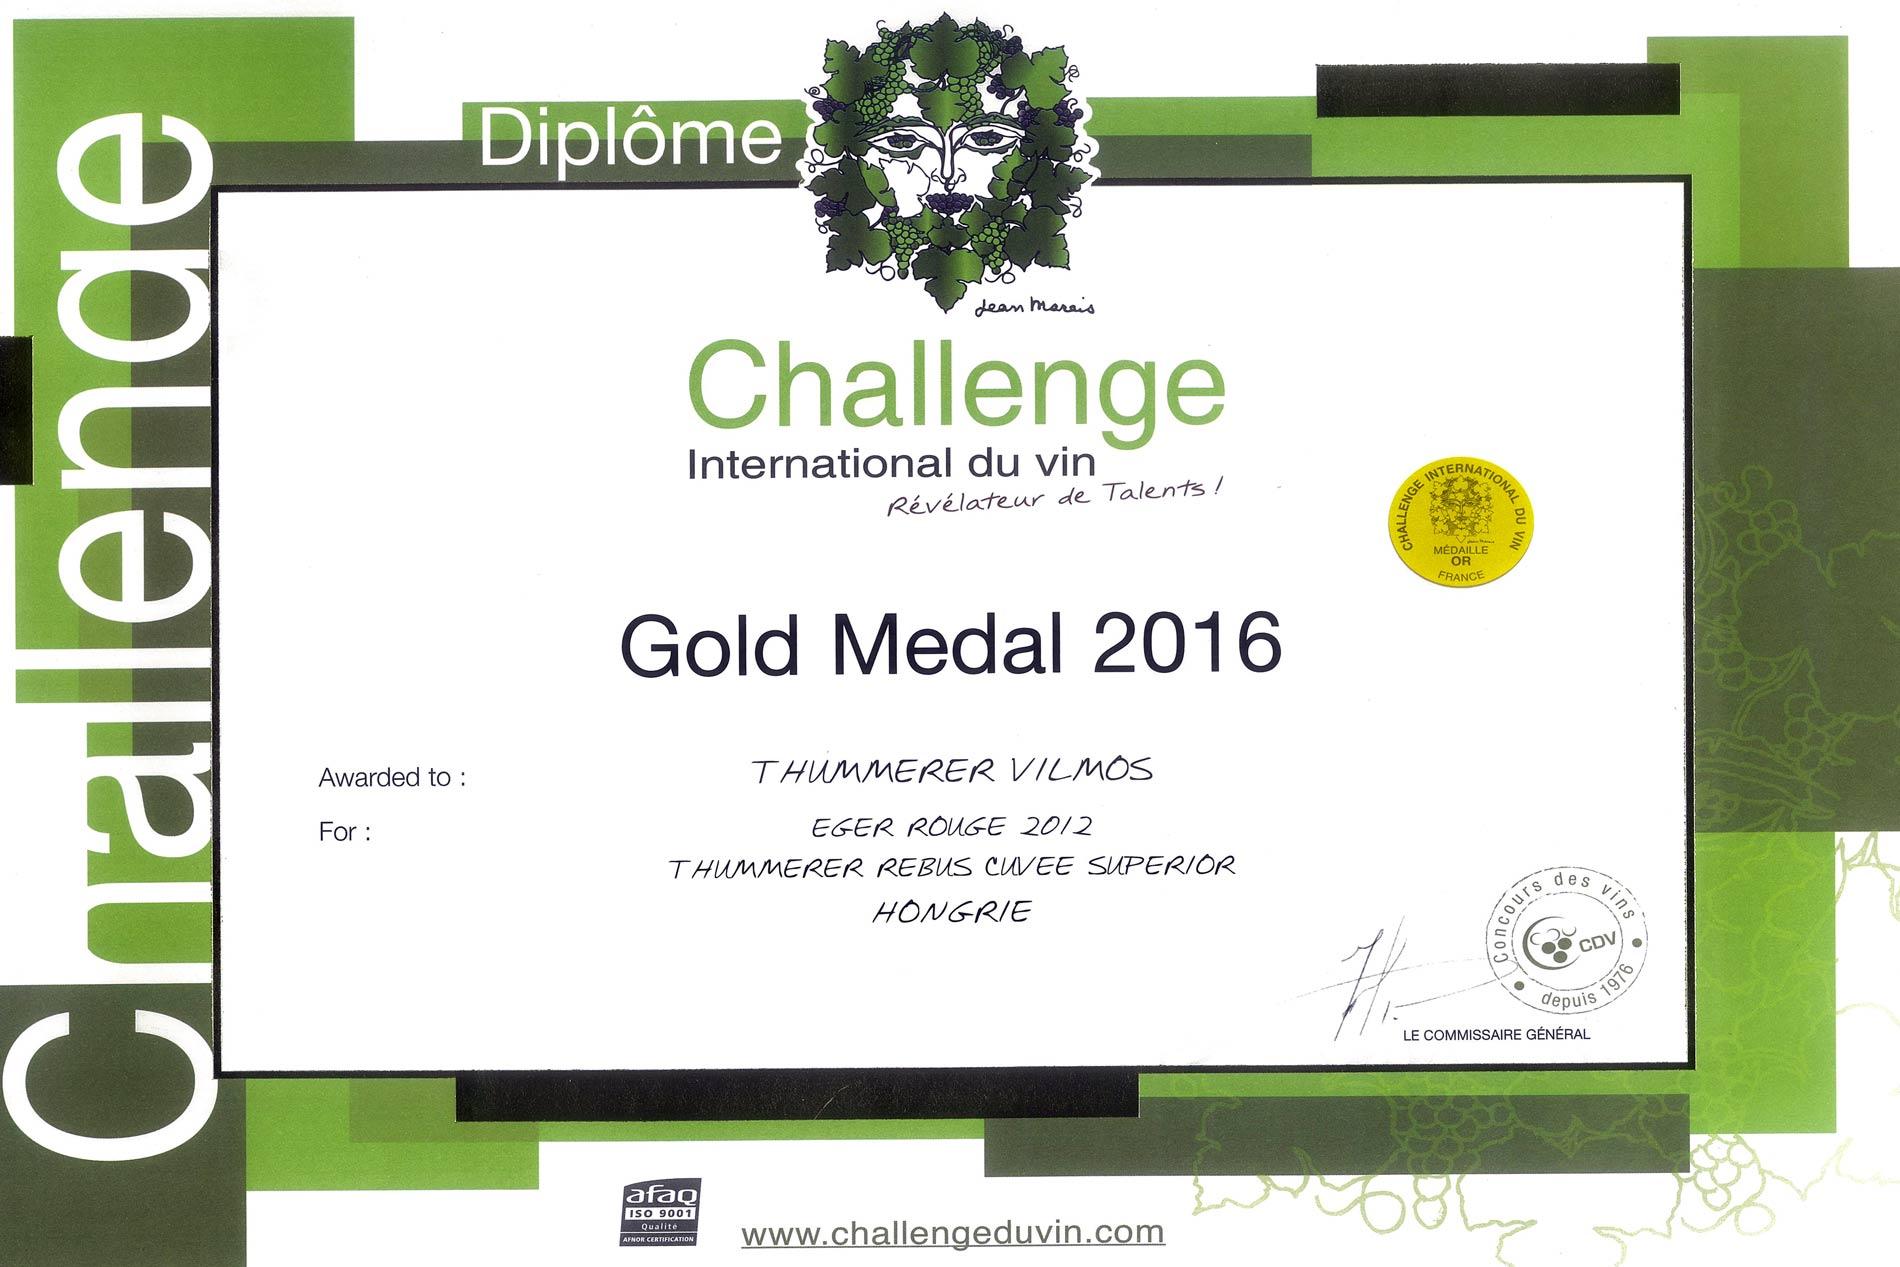 Challenge International du Vin Gold Medal